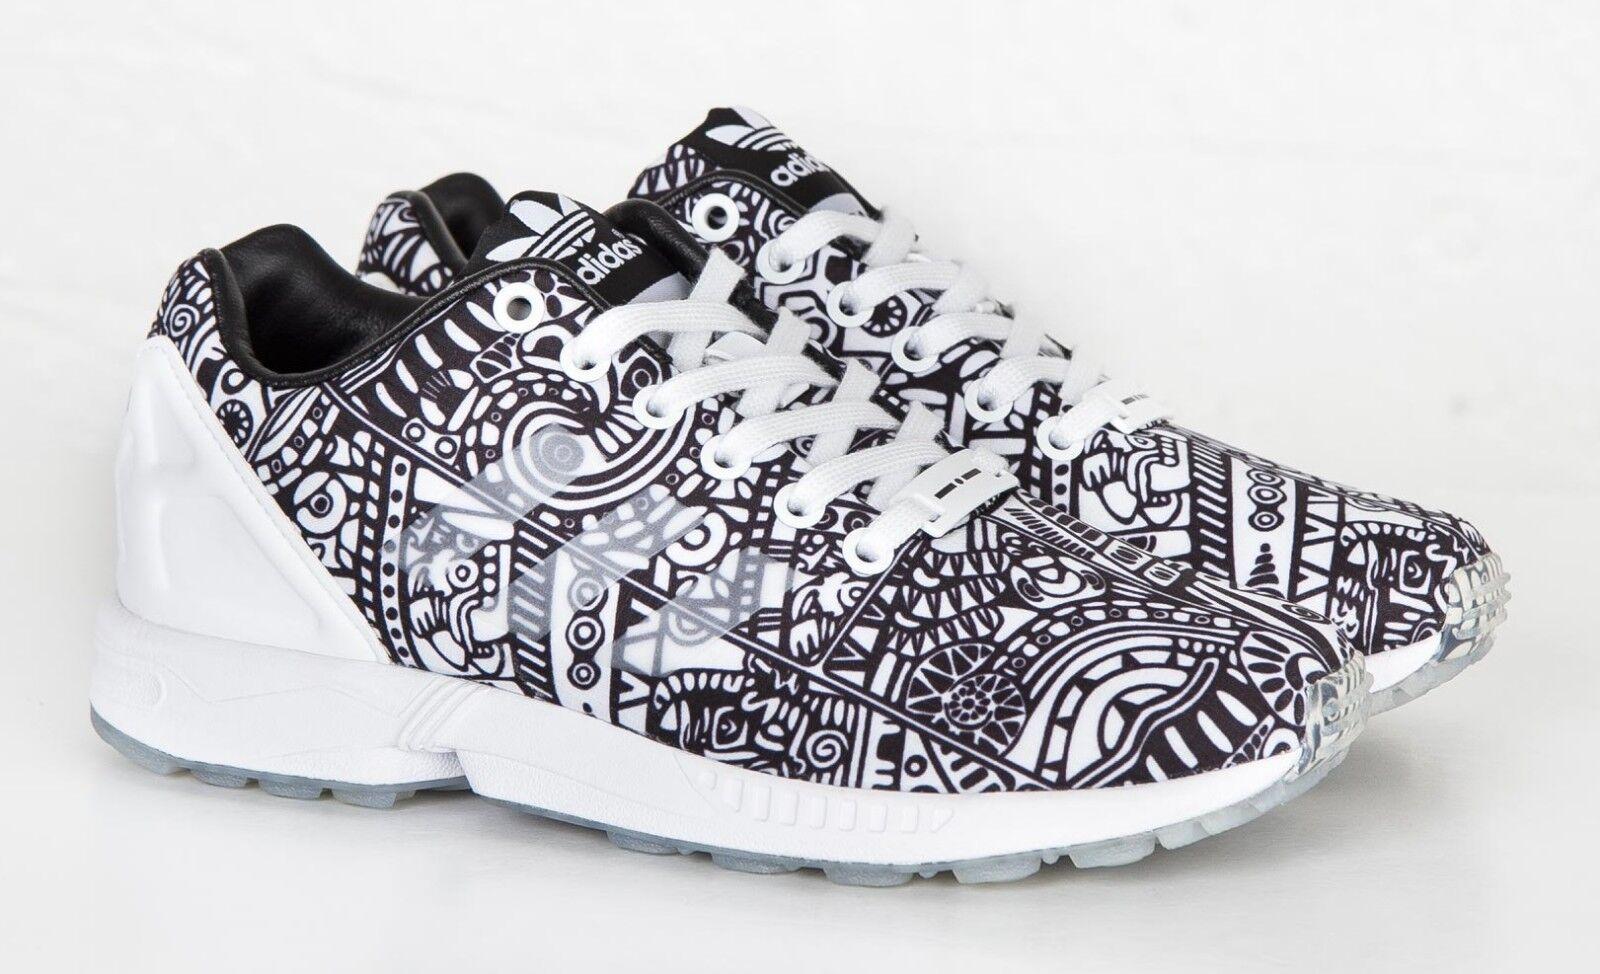 Adidas Originals Para Hombre y ZX Flux Tenis Blanco y Hombre negro Geo Patrón tamaño dc7fa1